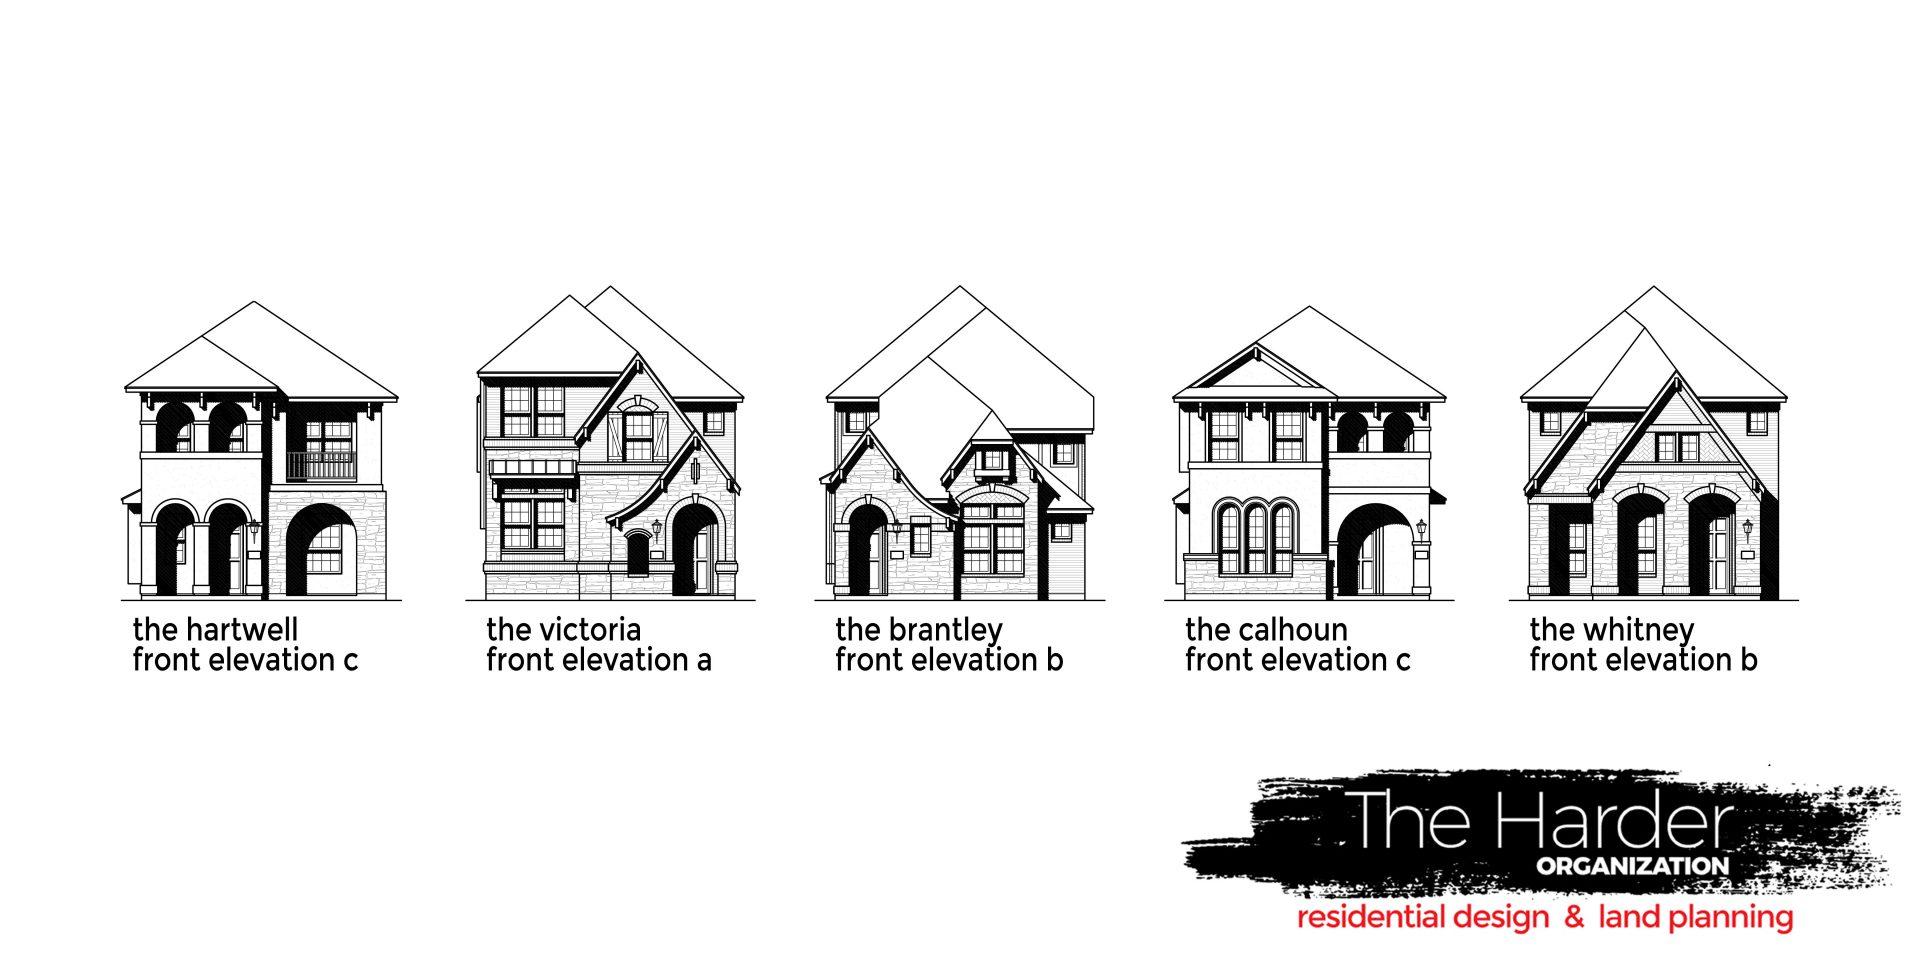 J:(Drawings)Meridian homes25x75 - zero - rear loaded25x75 Ze